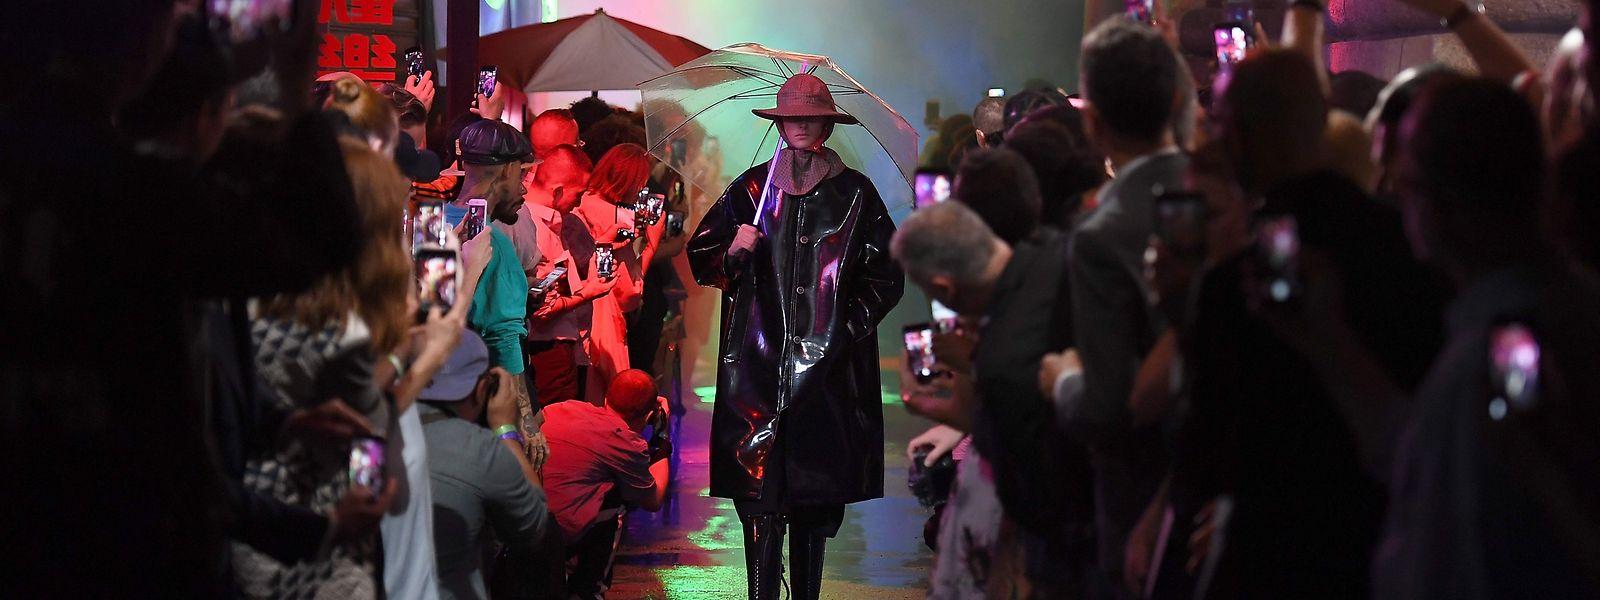 Subkultur als Ideenquelle: Für seine recht düstere Frühjahr-Sommer-Kollektion 2018 inszenierte Raf Simons ein verregnetes Chinatown.